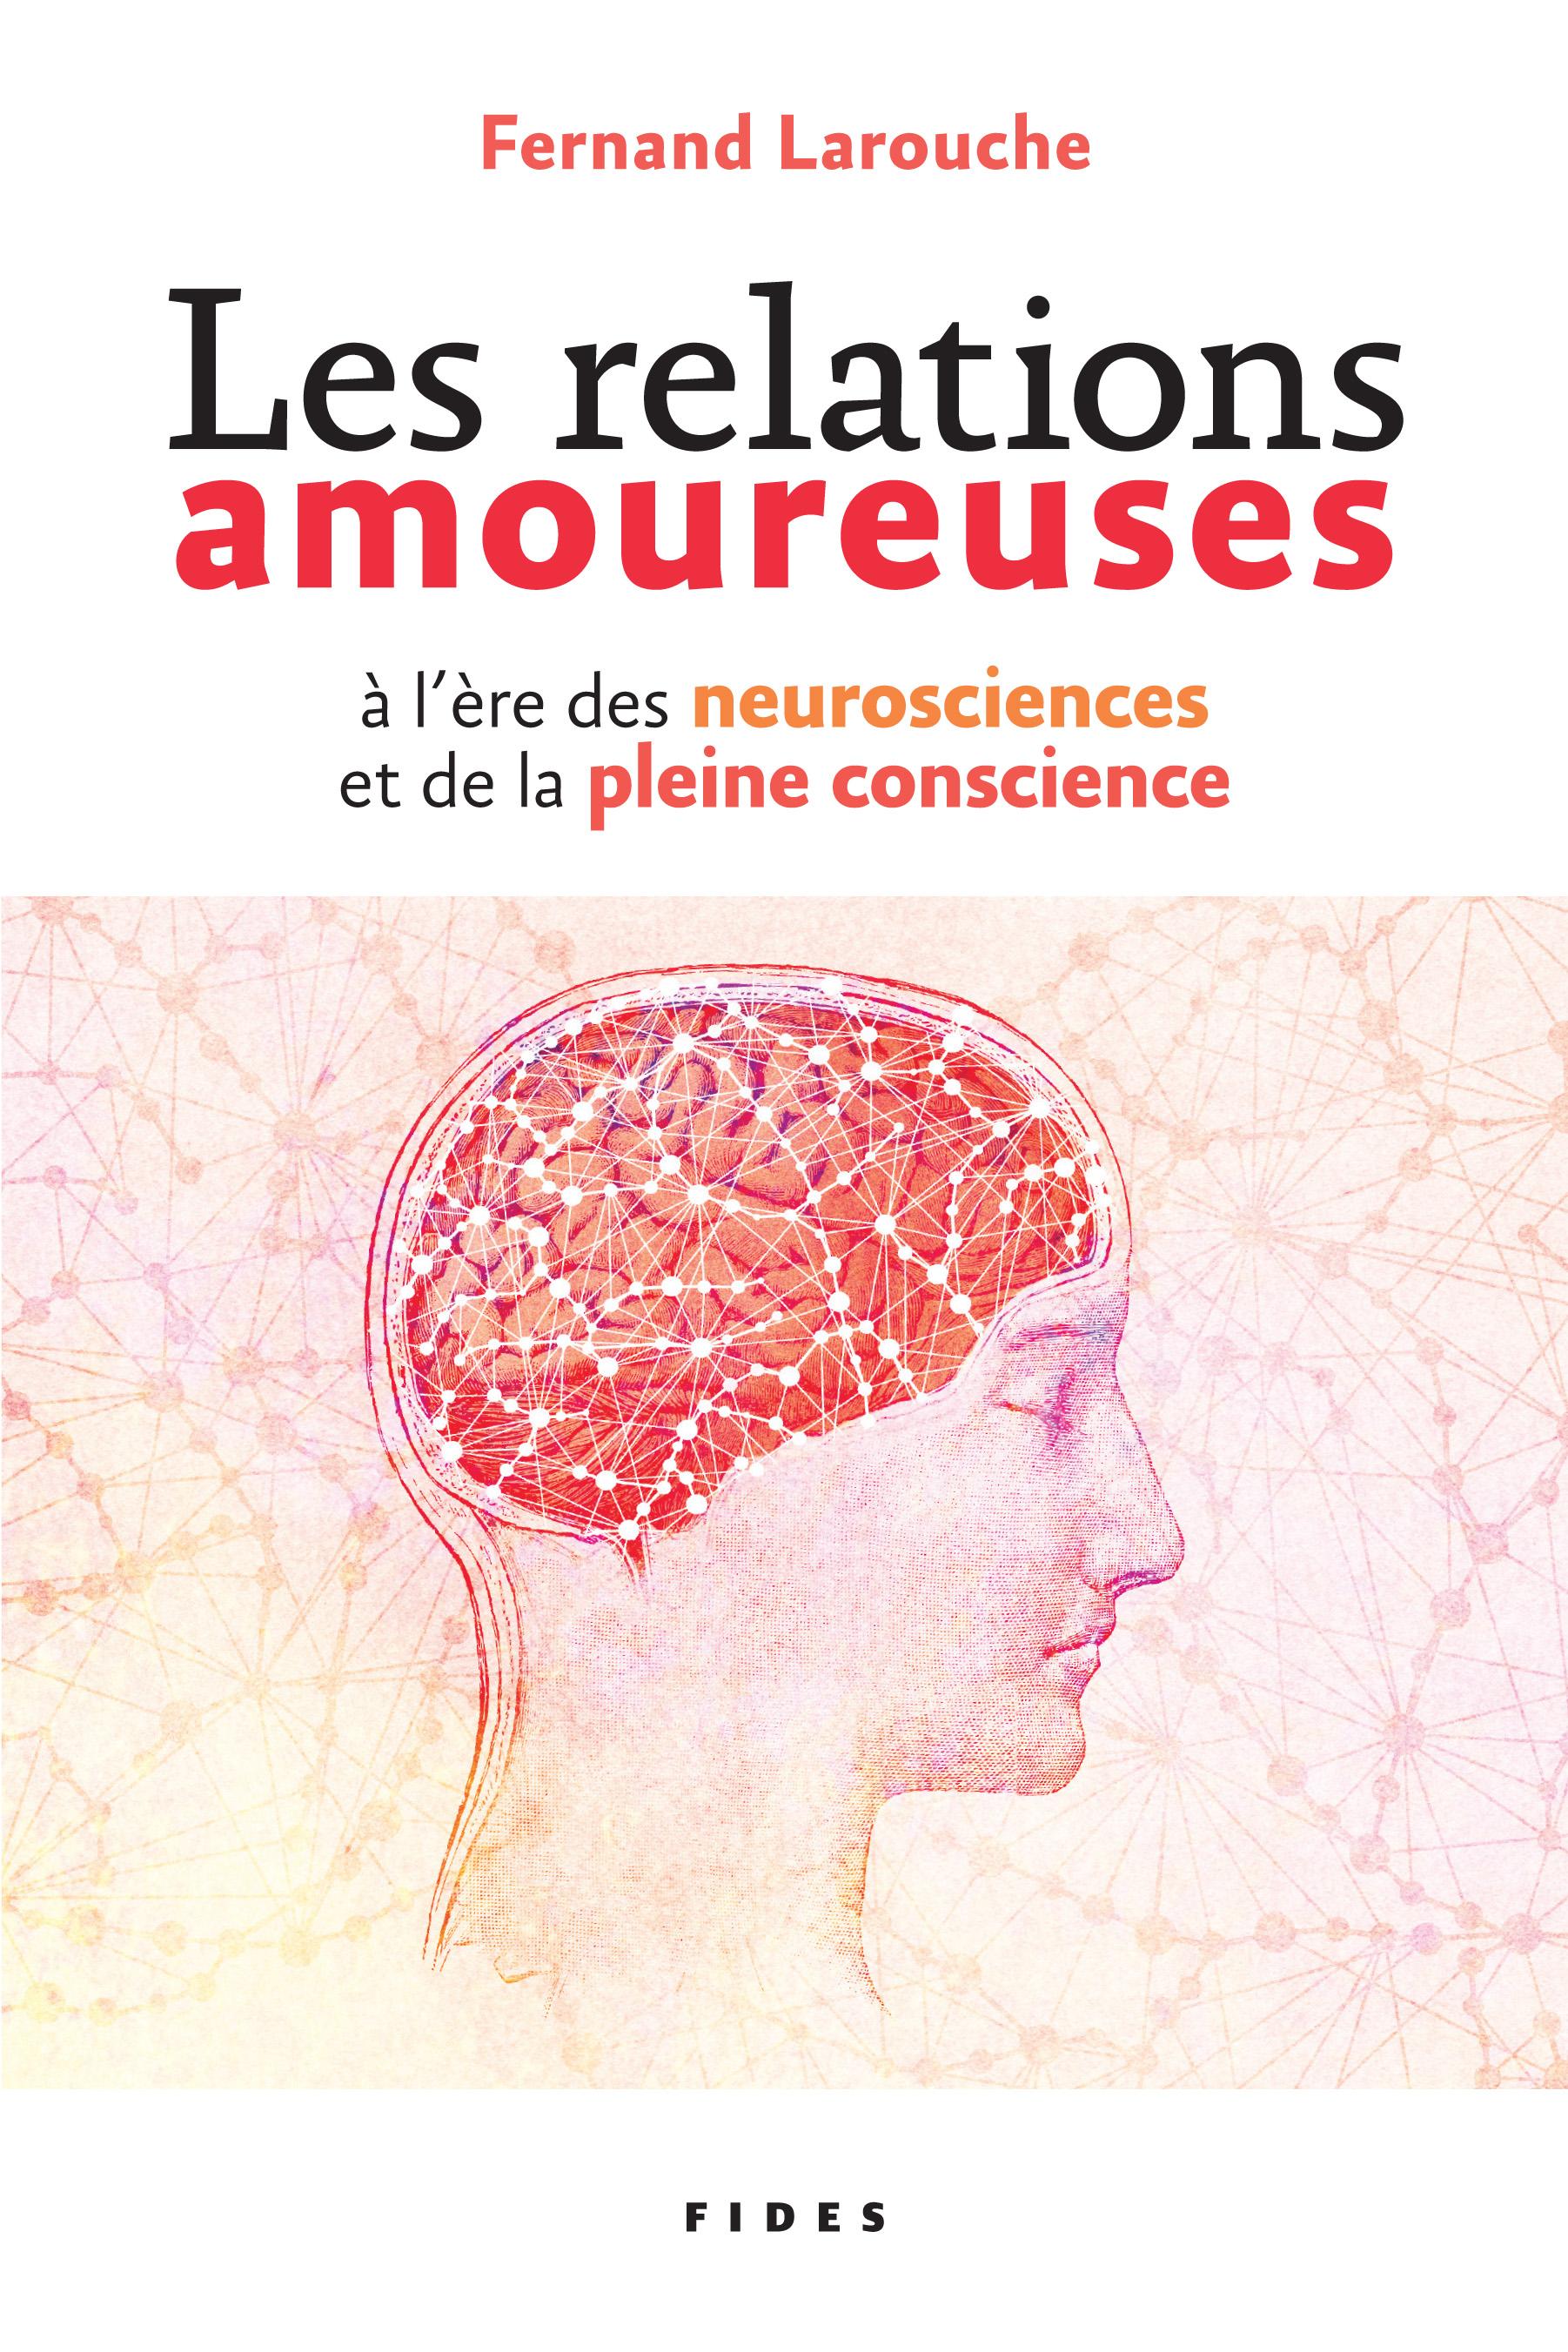 Les relations amoureuses à l'ère des neurosciences et de la pleine conscience